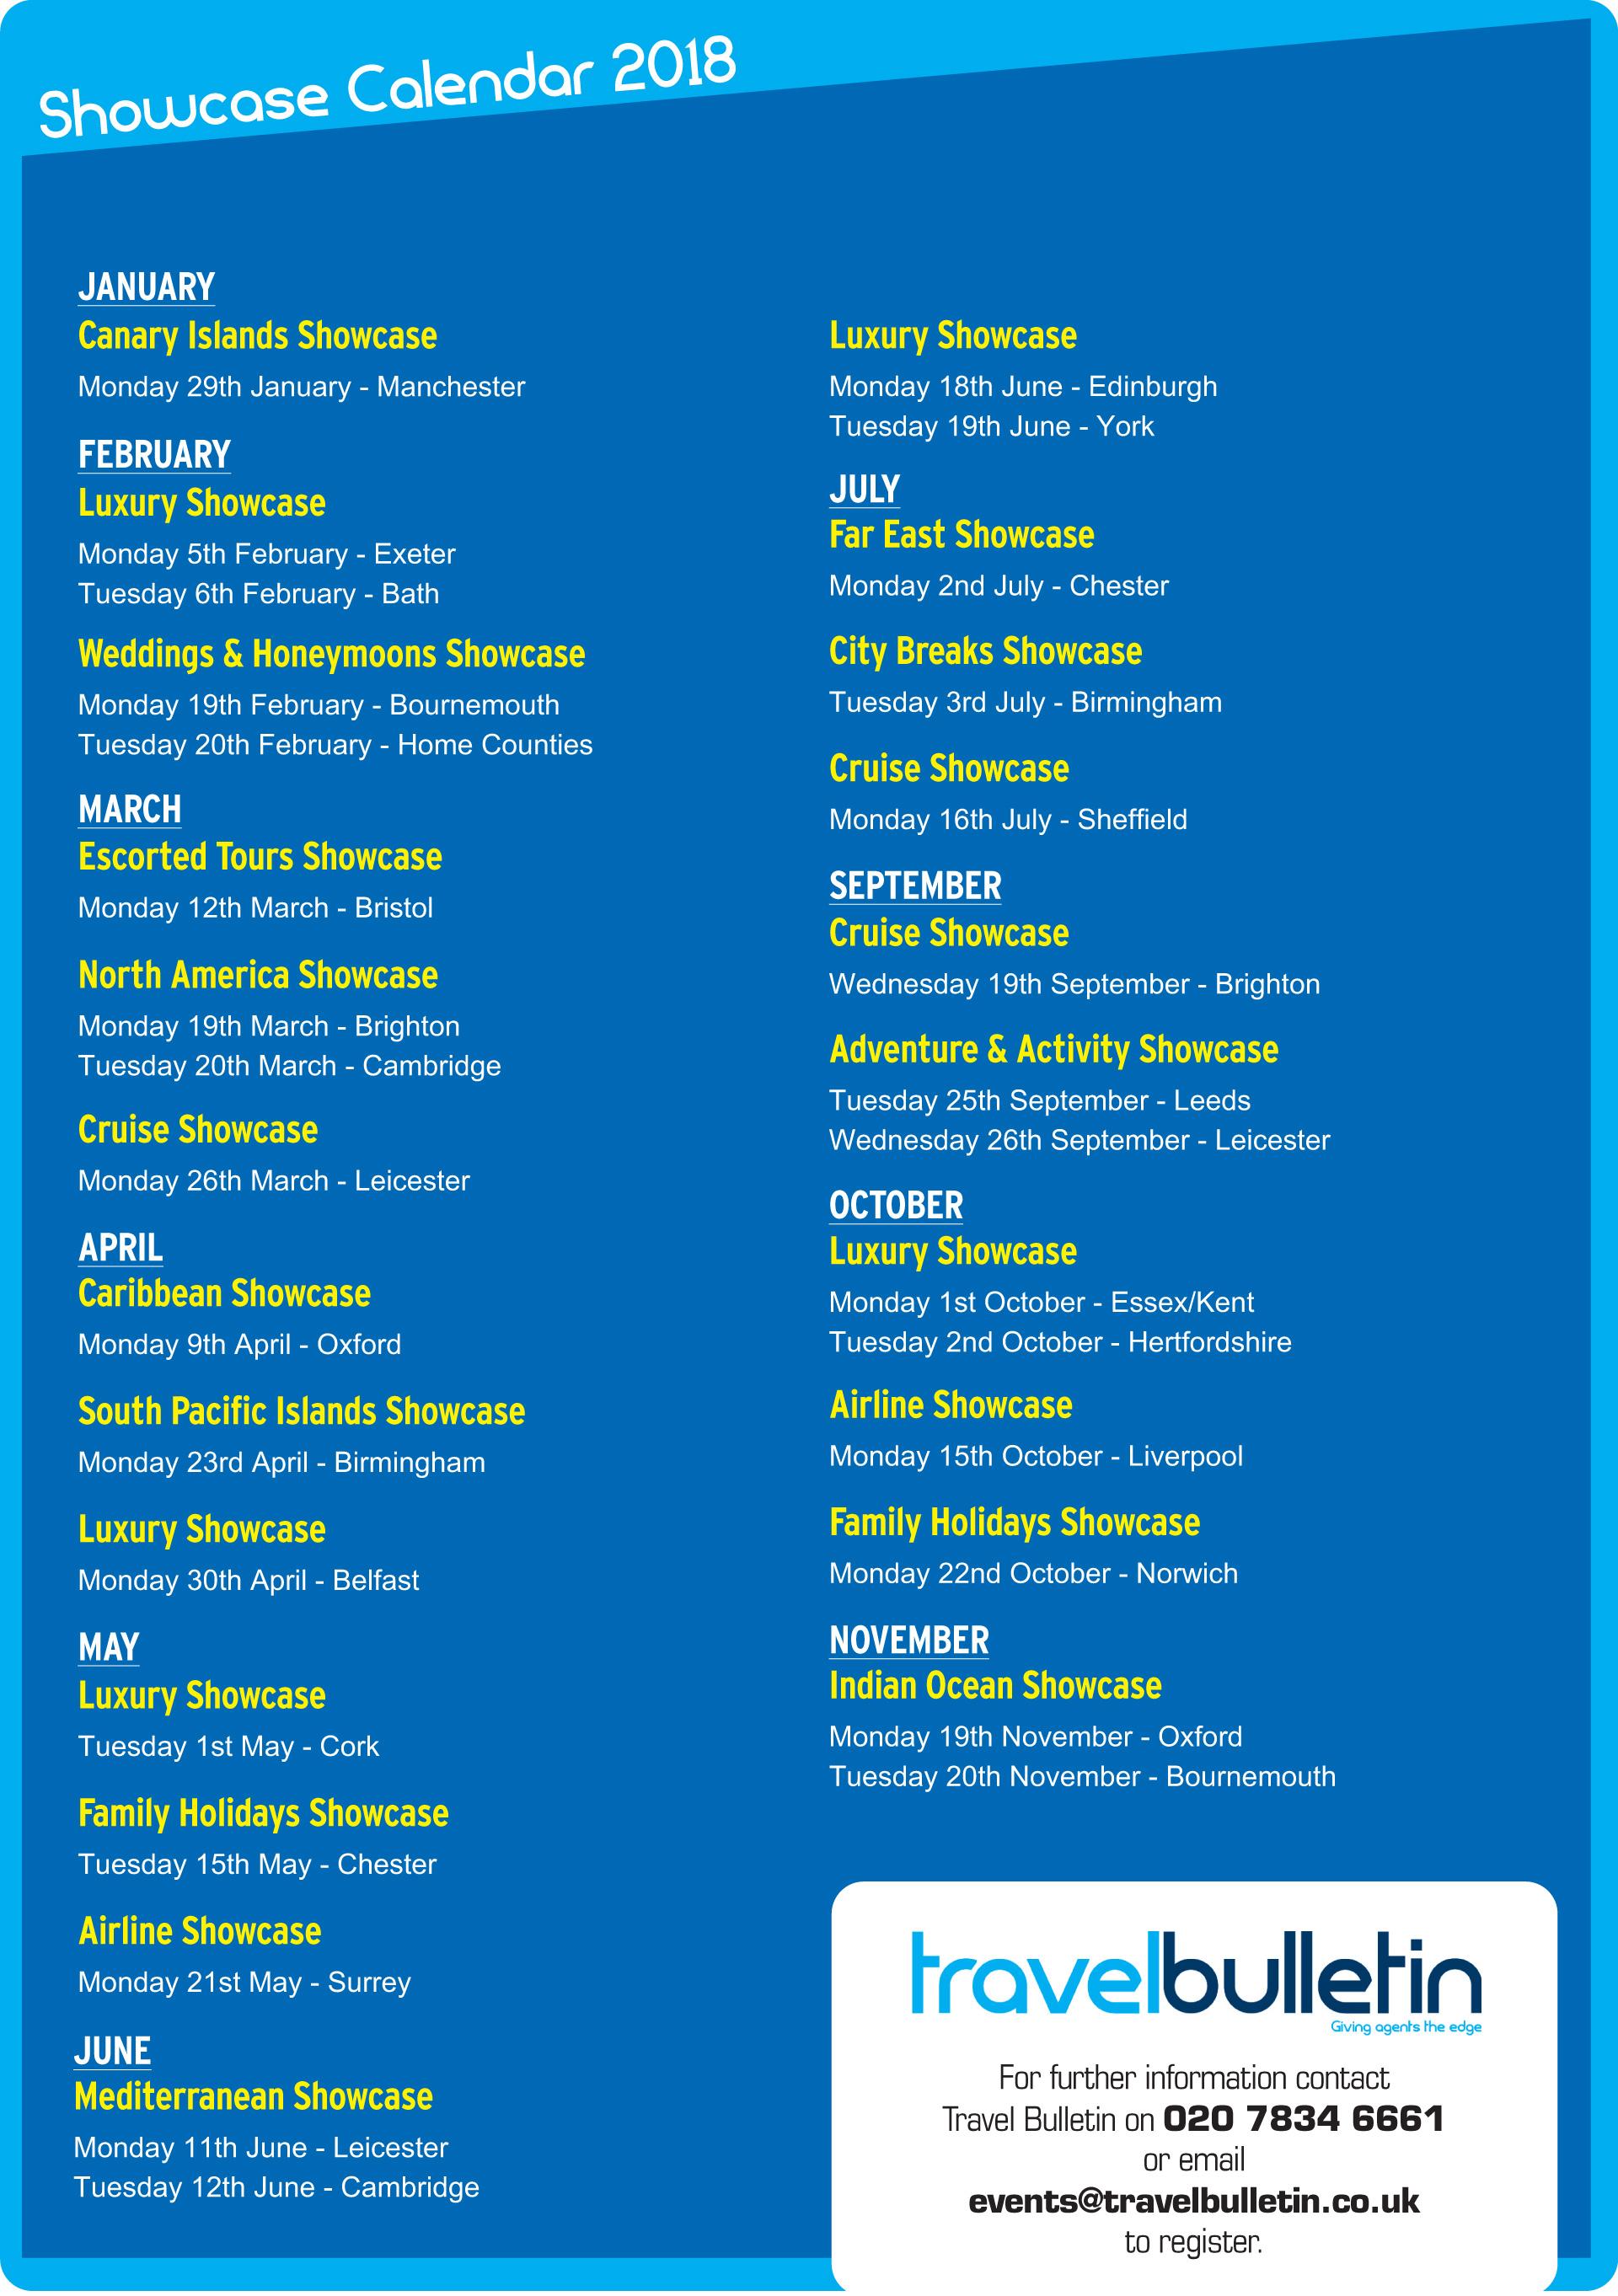 travel bulletin travel bulletin online travel industry news and